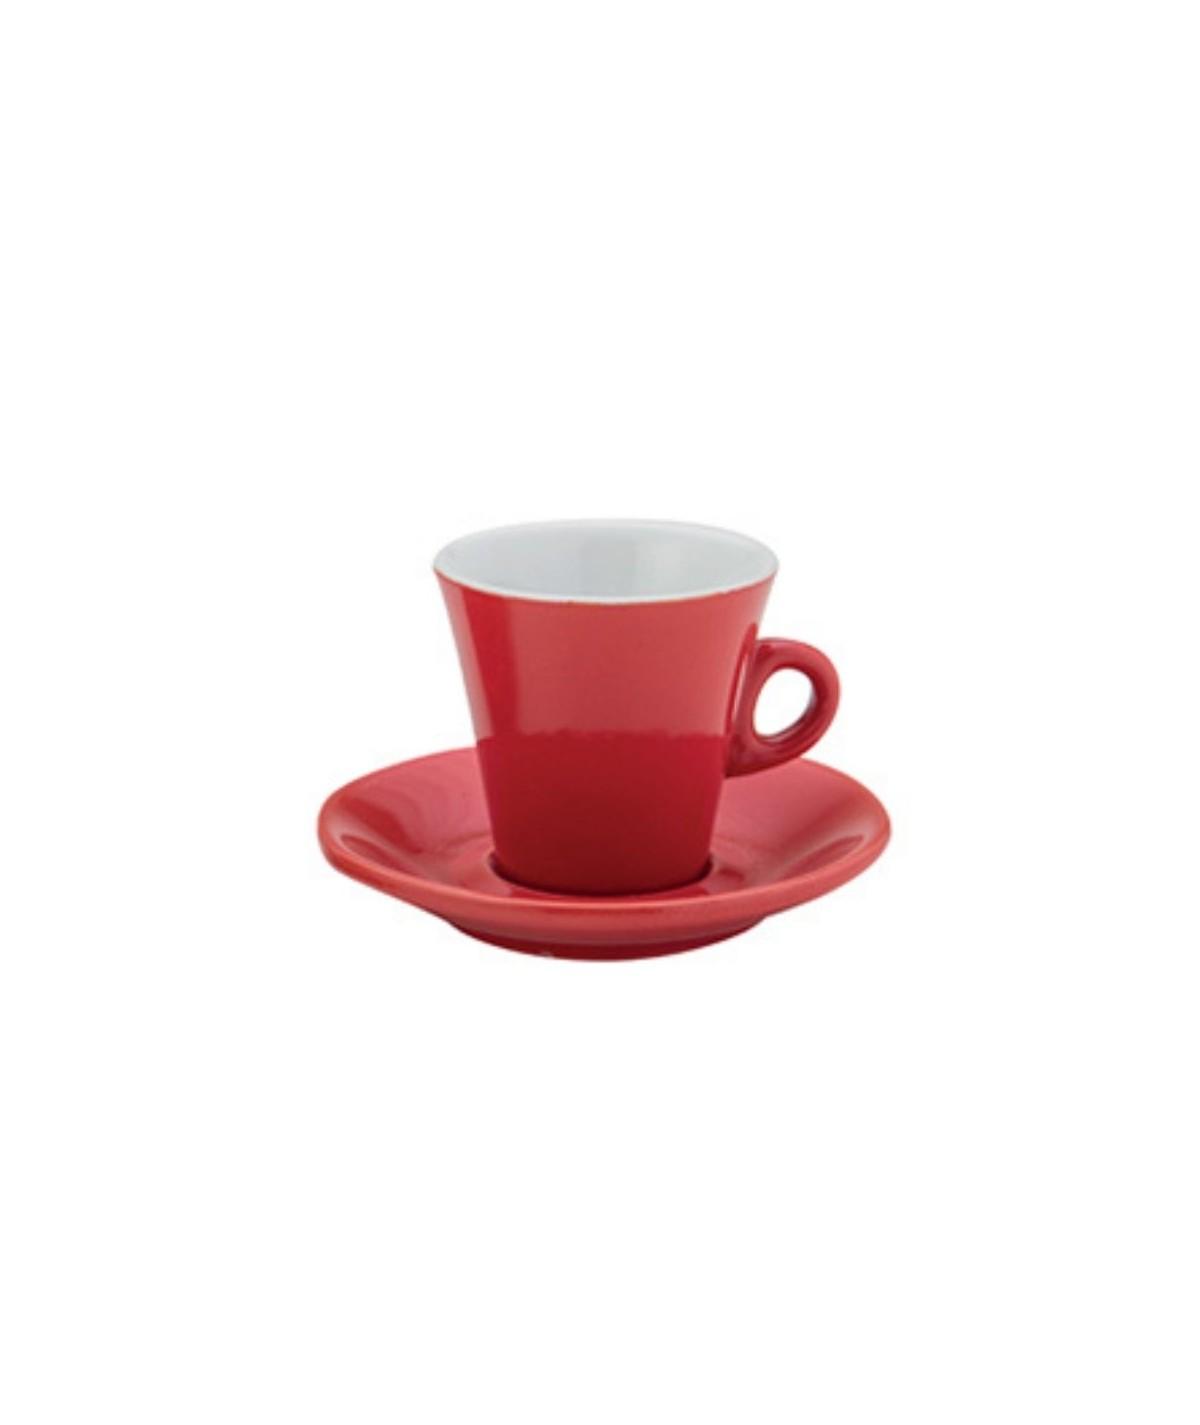 Tazze da colazione rosse...